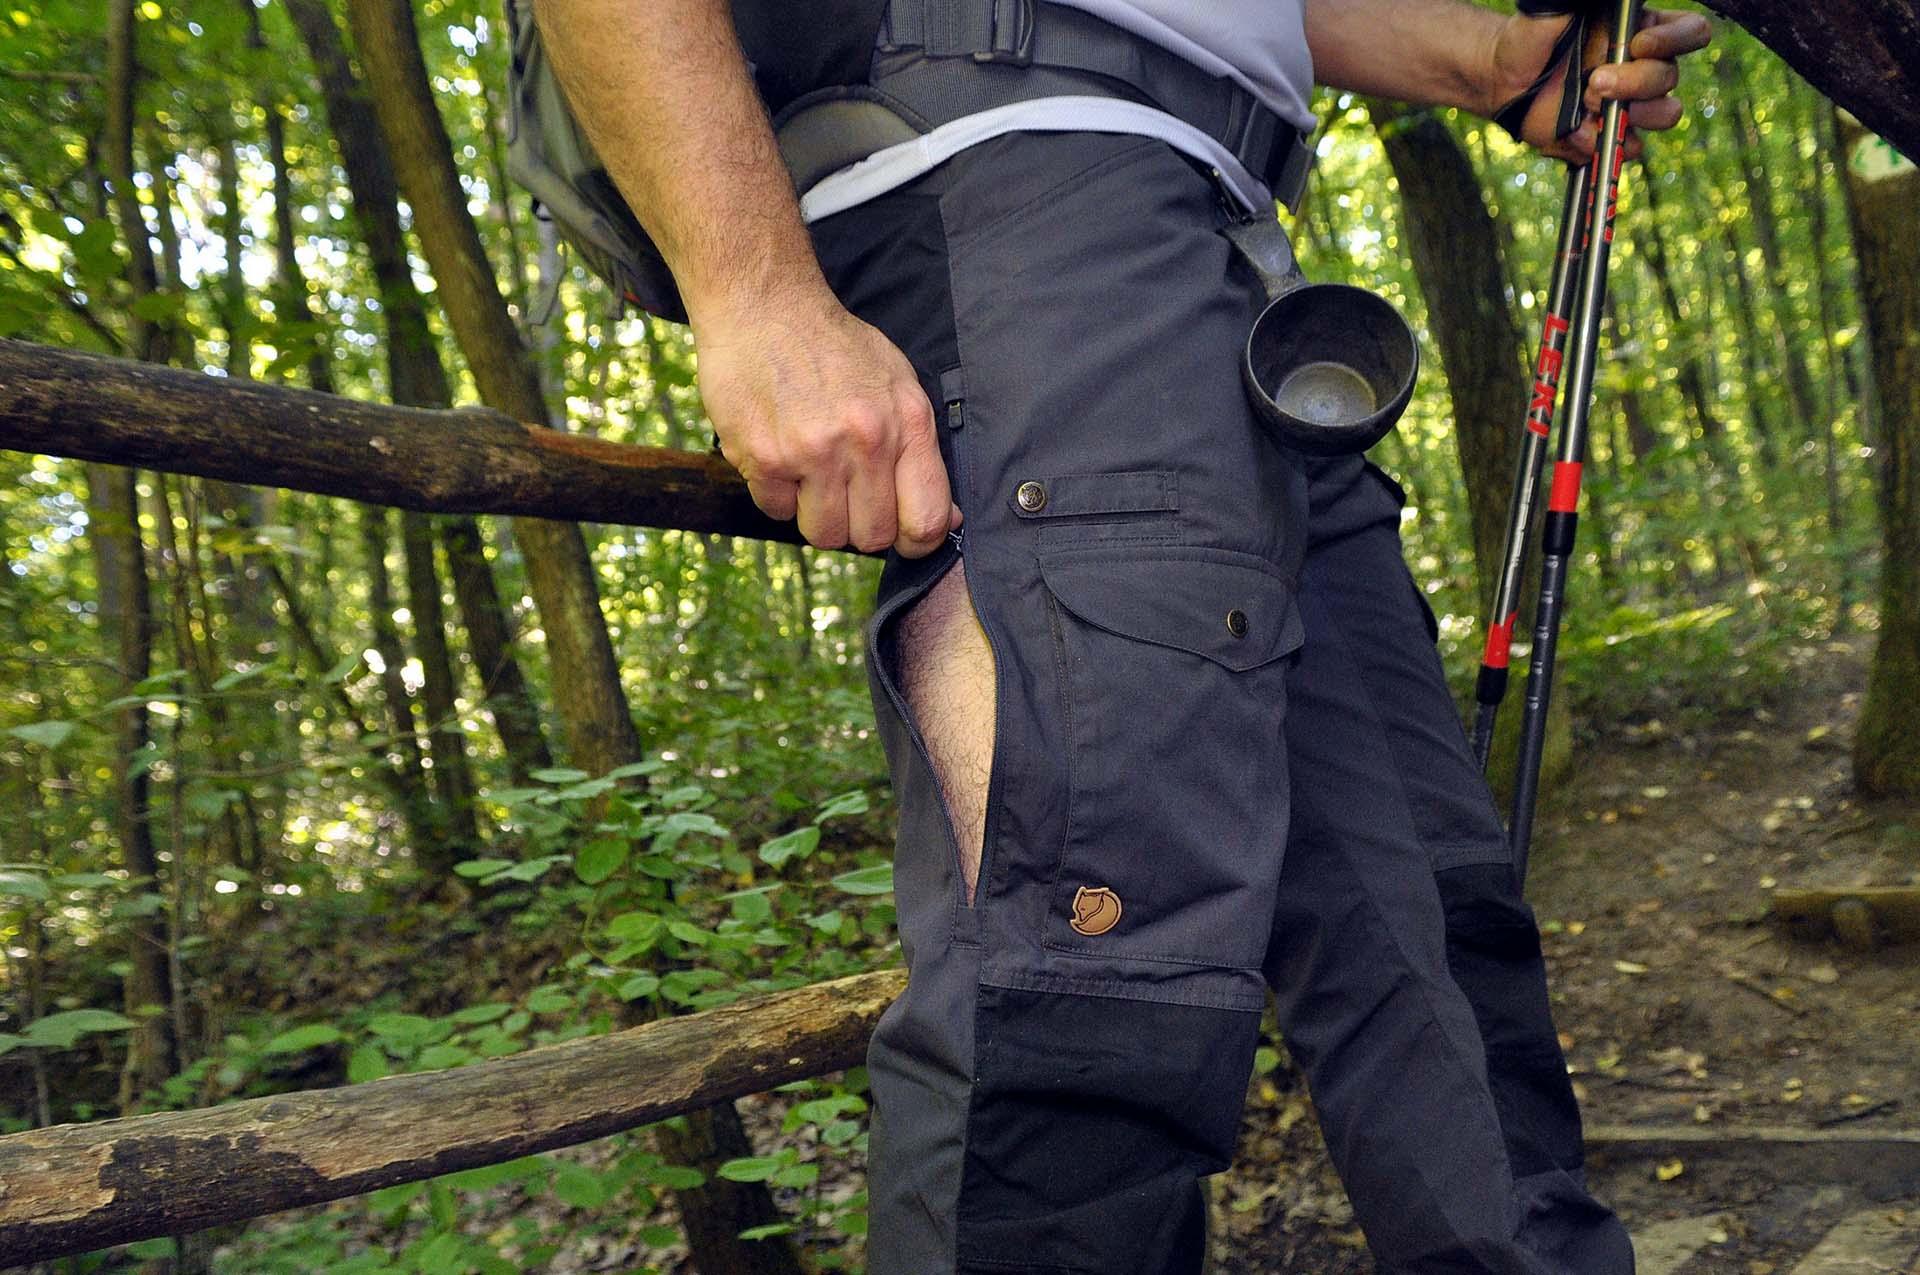 Fjallraven Vidda Pro Ventillated nadrág teszt, avagy mitől más egy 160 euros termék?-6